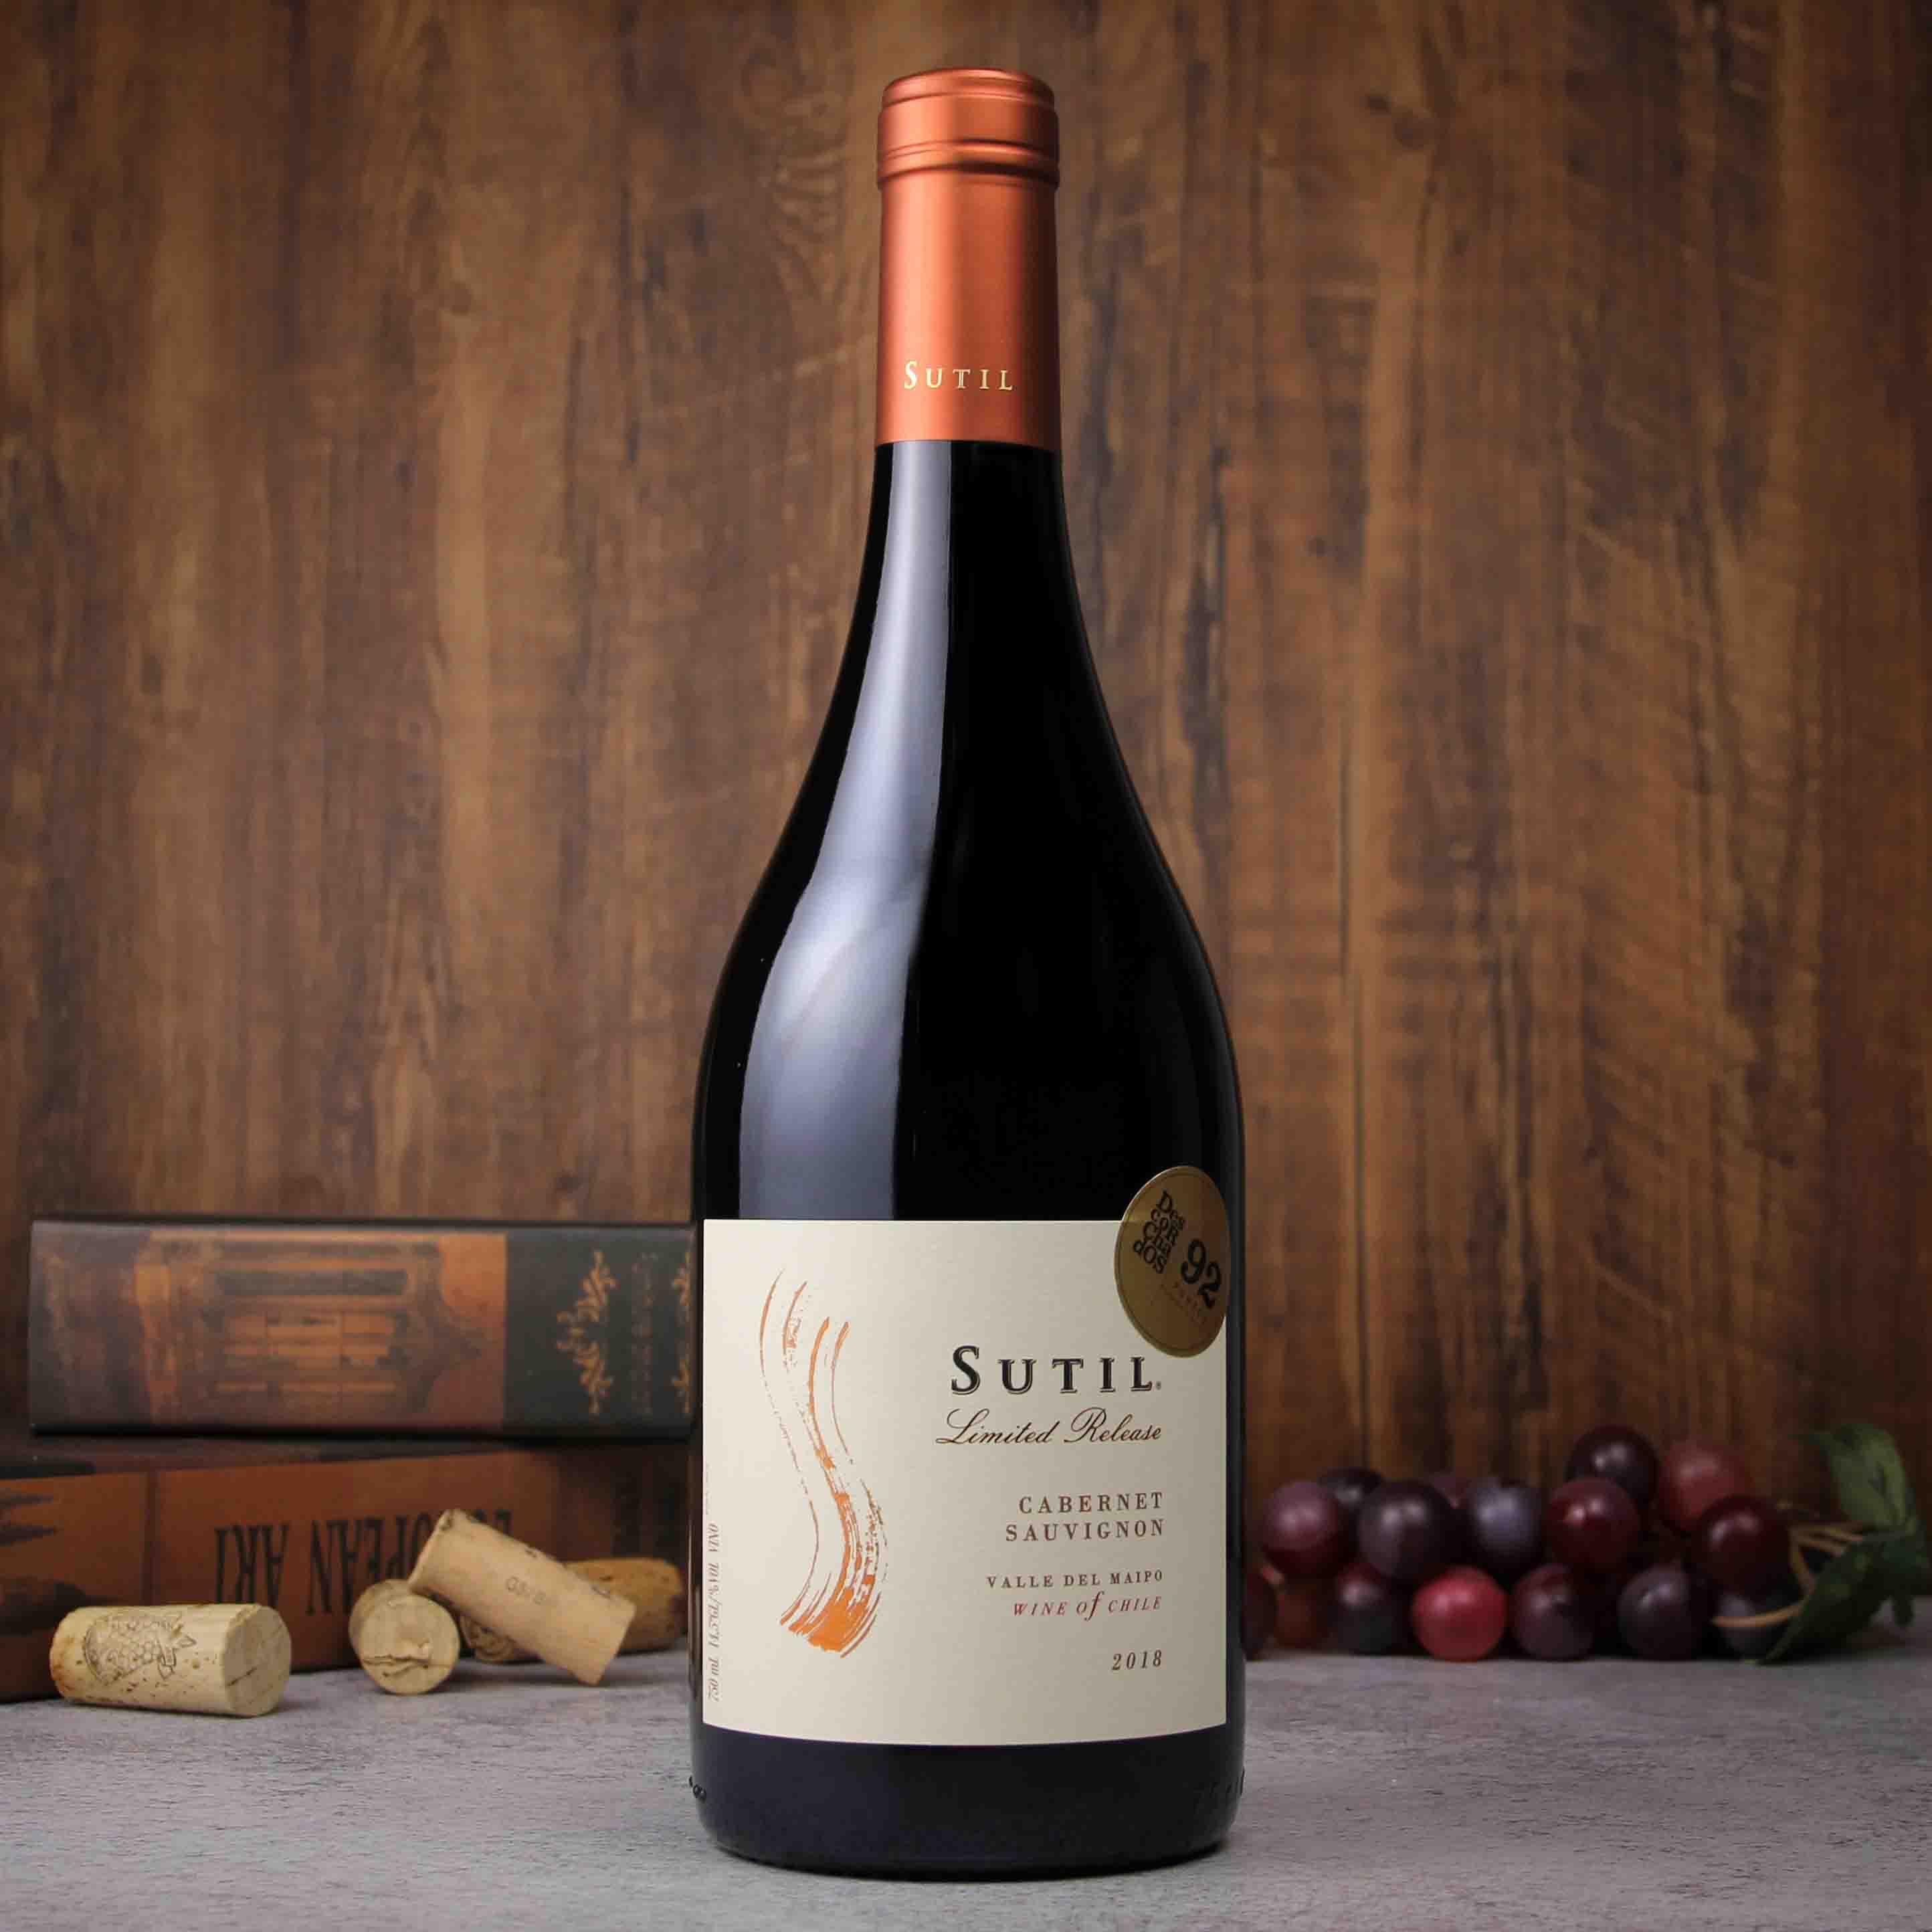 智利科尓查瓜谷苏蒂尔限量佳 美娜干红葡萄酒